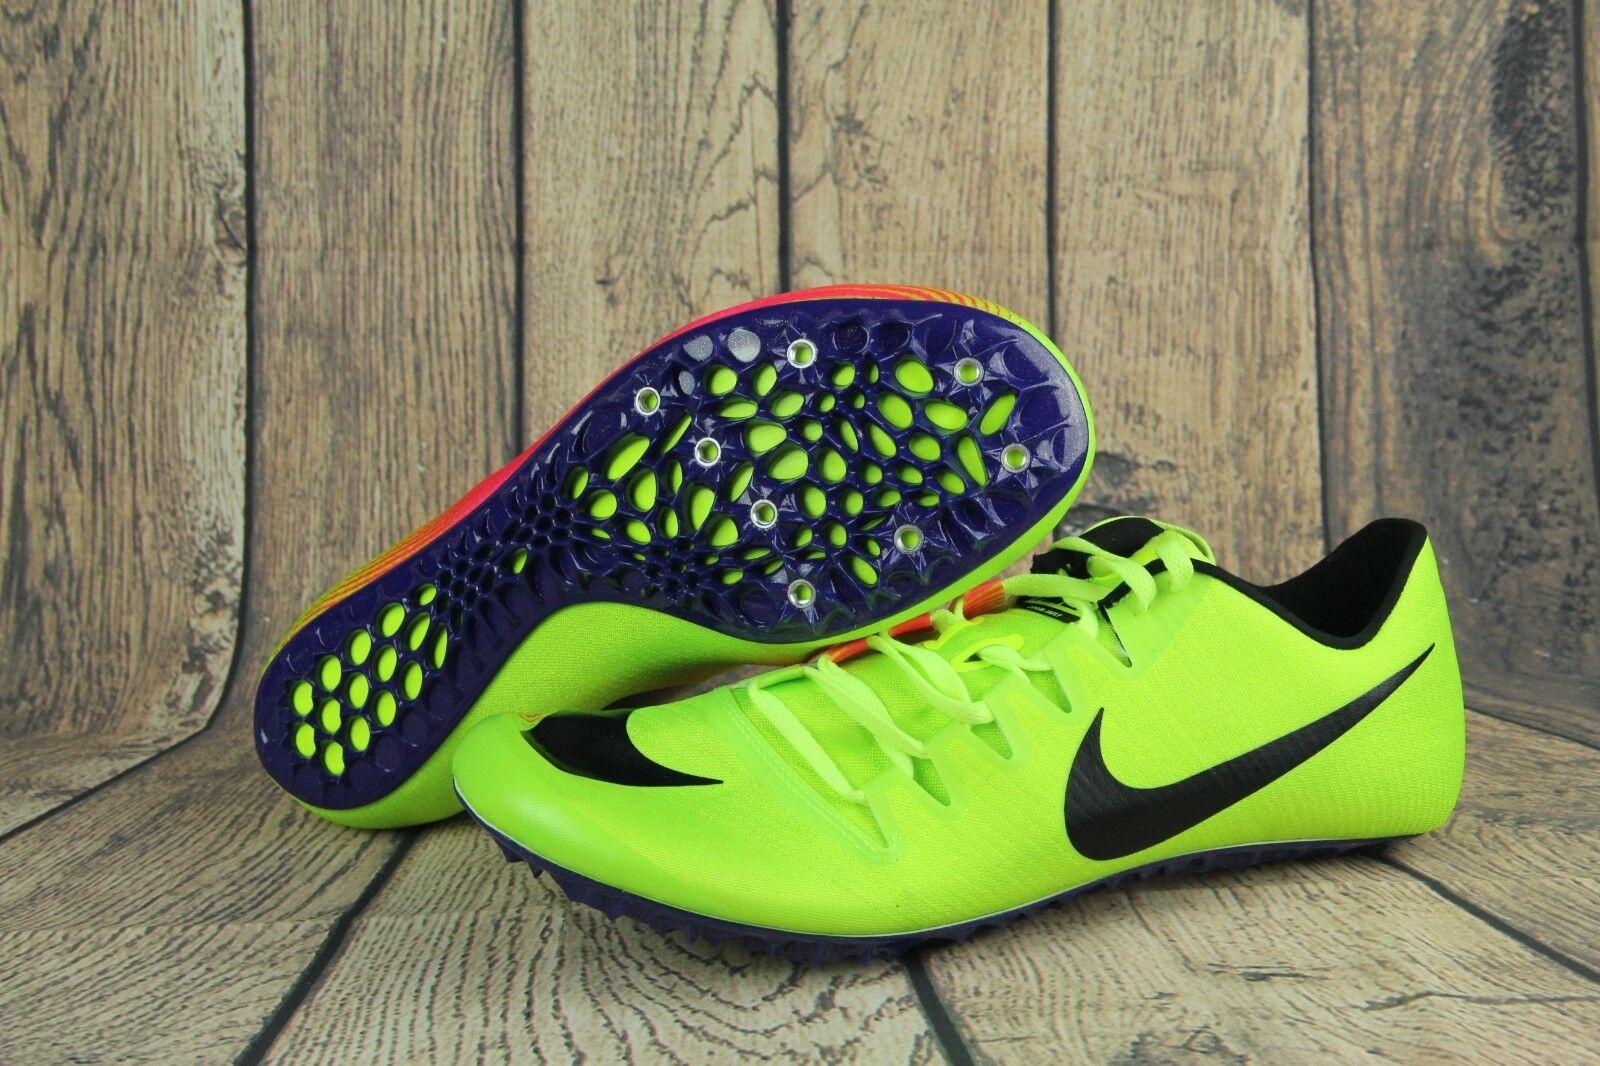 Nike zoom - spikes fliegen 3 track läuft spikes - oc rio - volt - rosa schwarz 882032-999 sz 7a06f5